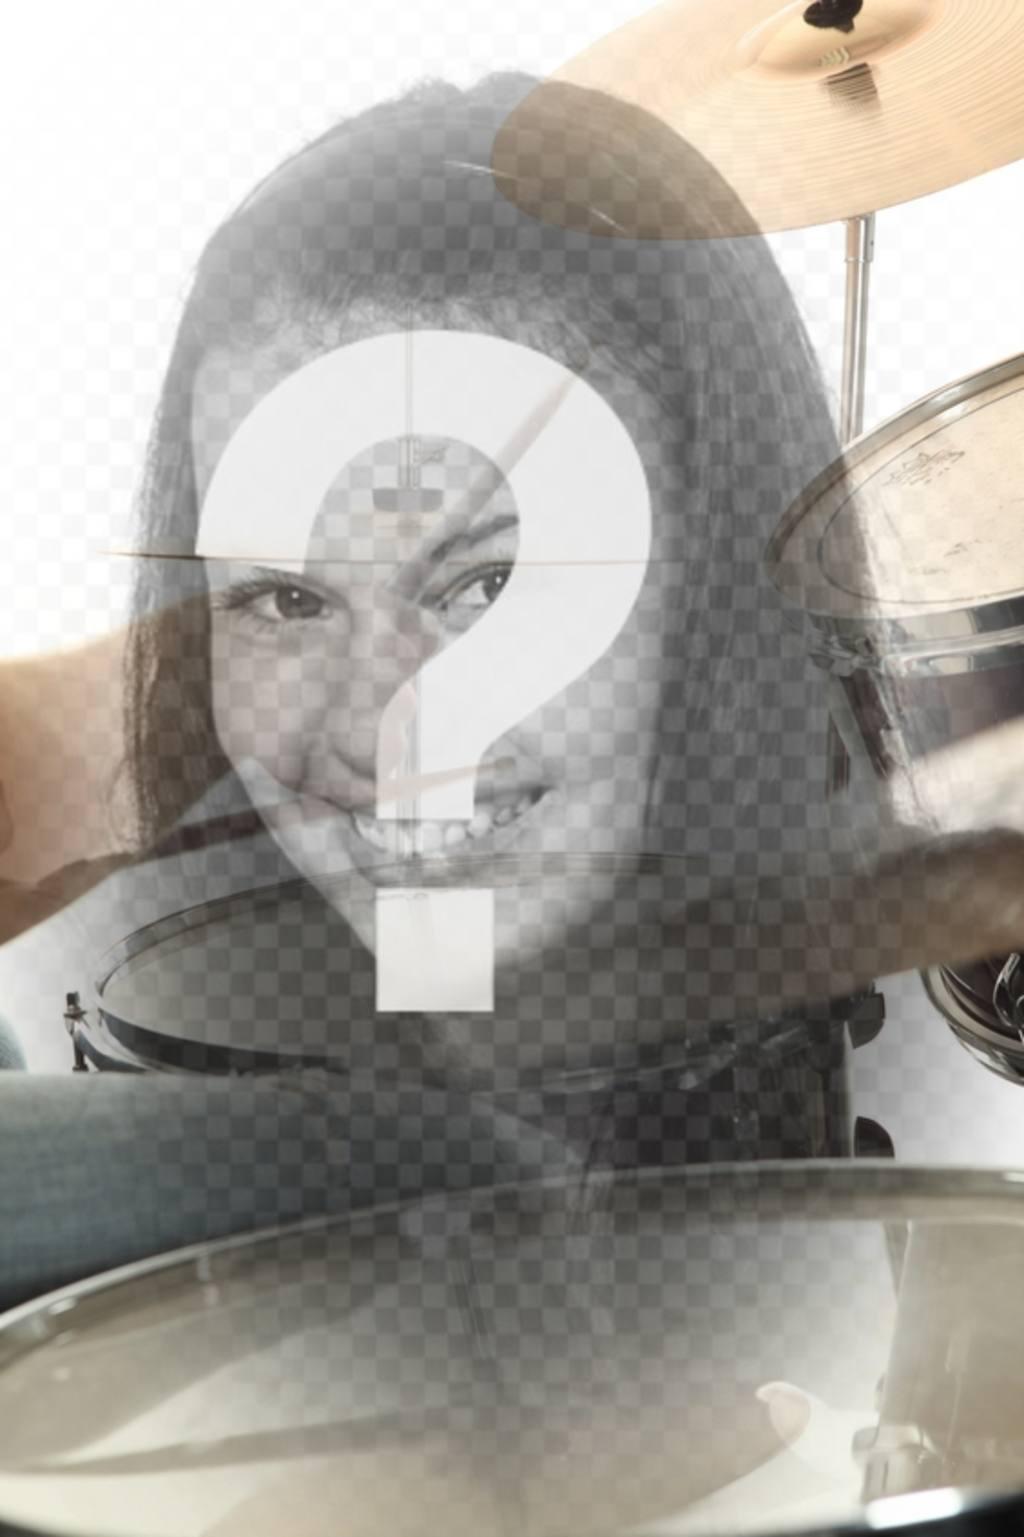 Colagem com uma imagem da música da bateria semi-transparente, que se funde com a sua imagem